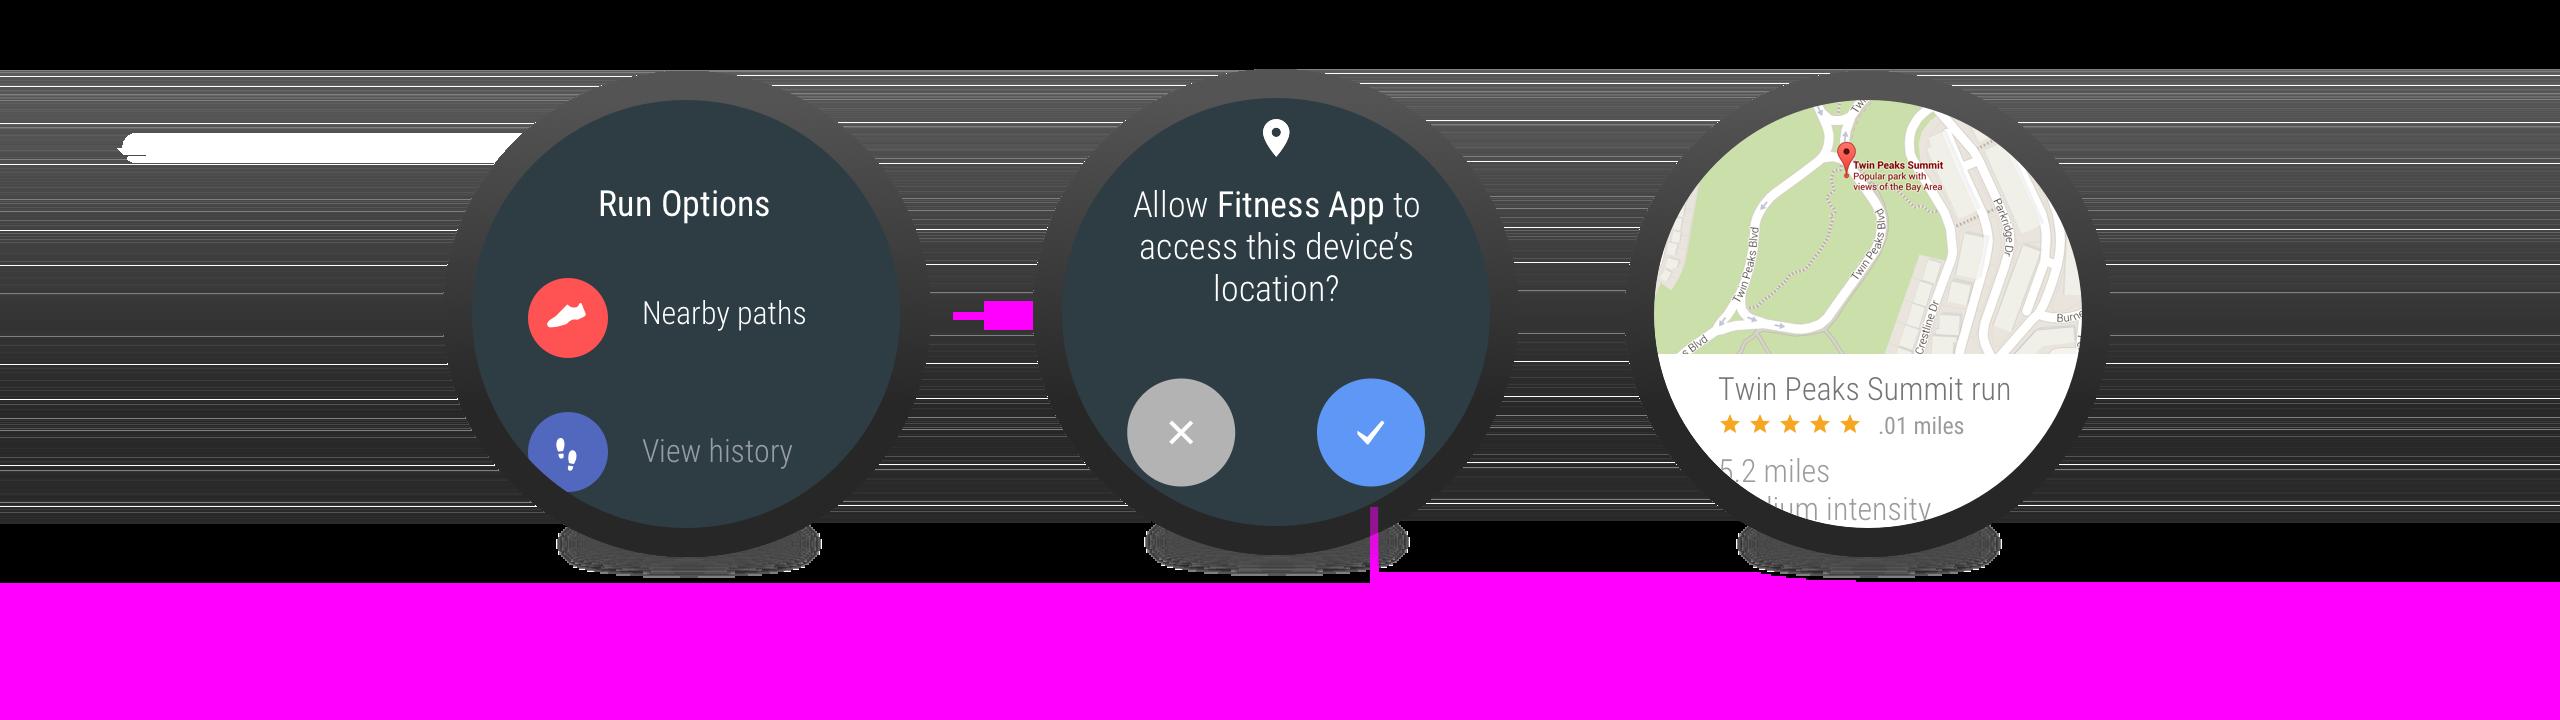 필요성이 명확한 경우에 앱이 권한을 요청합니다.